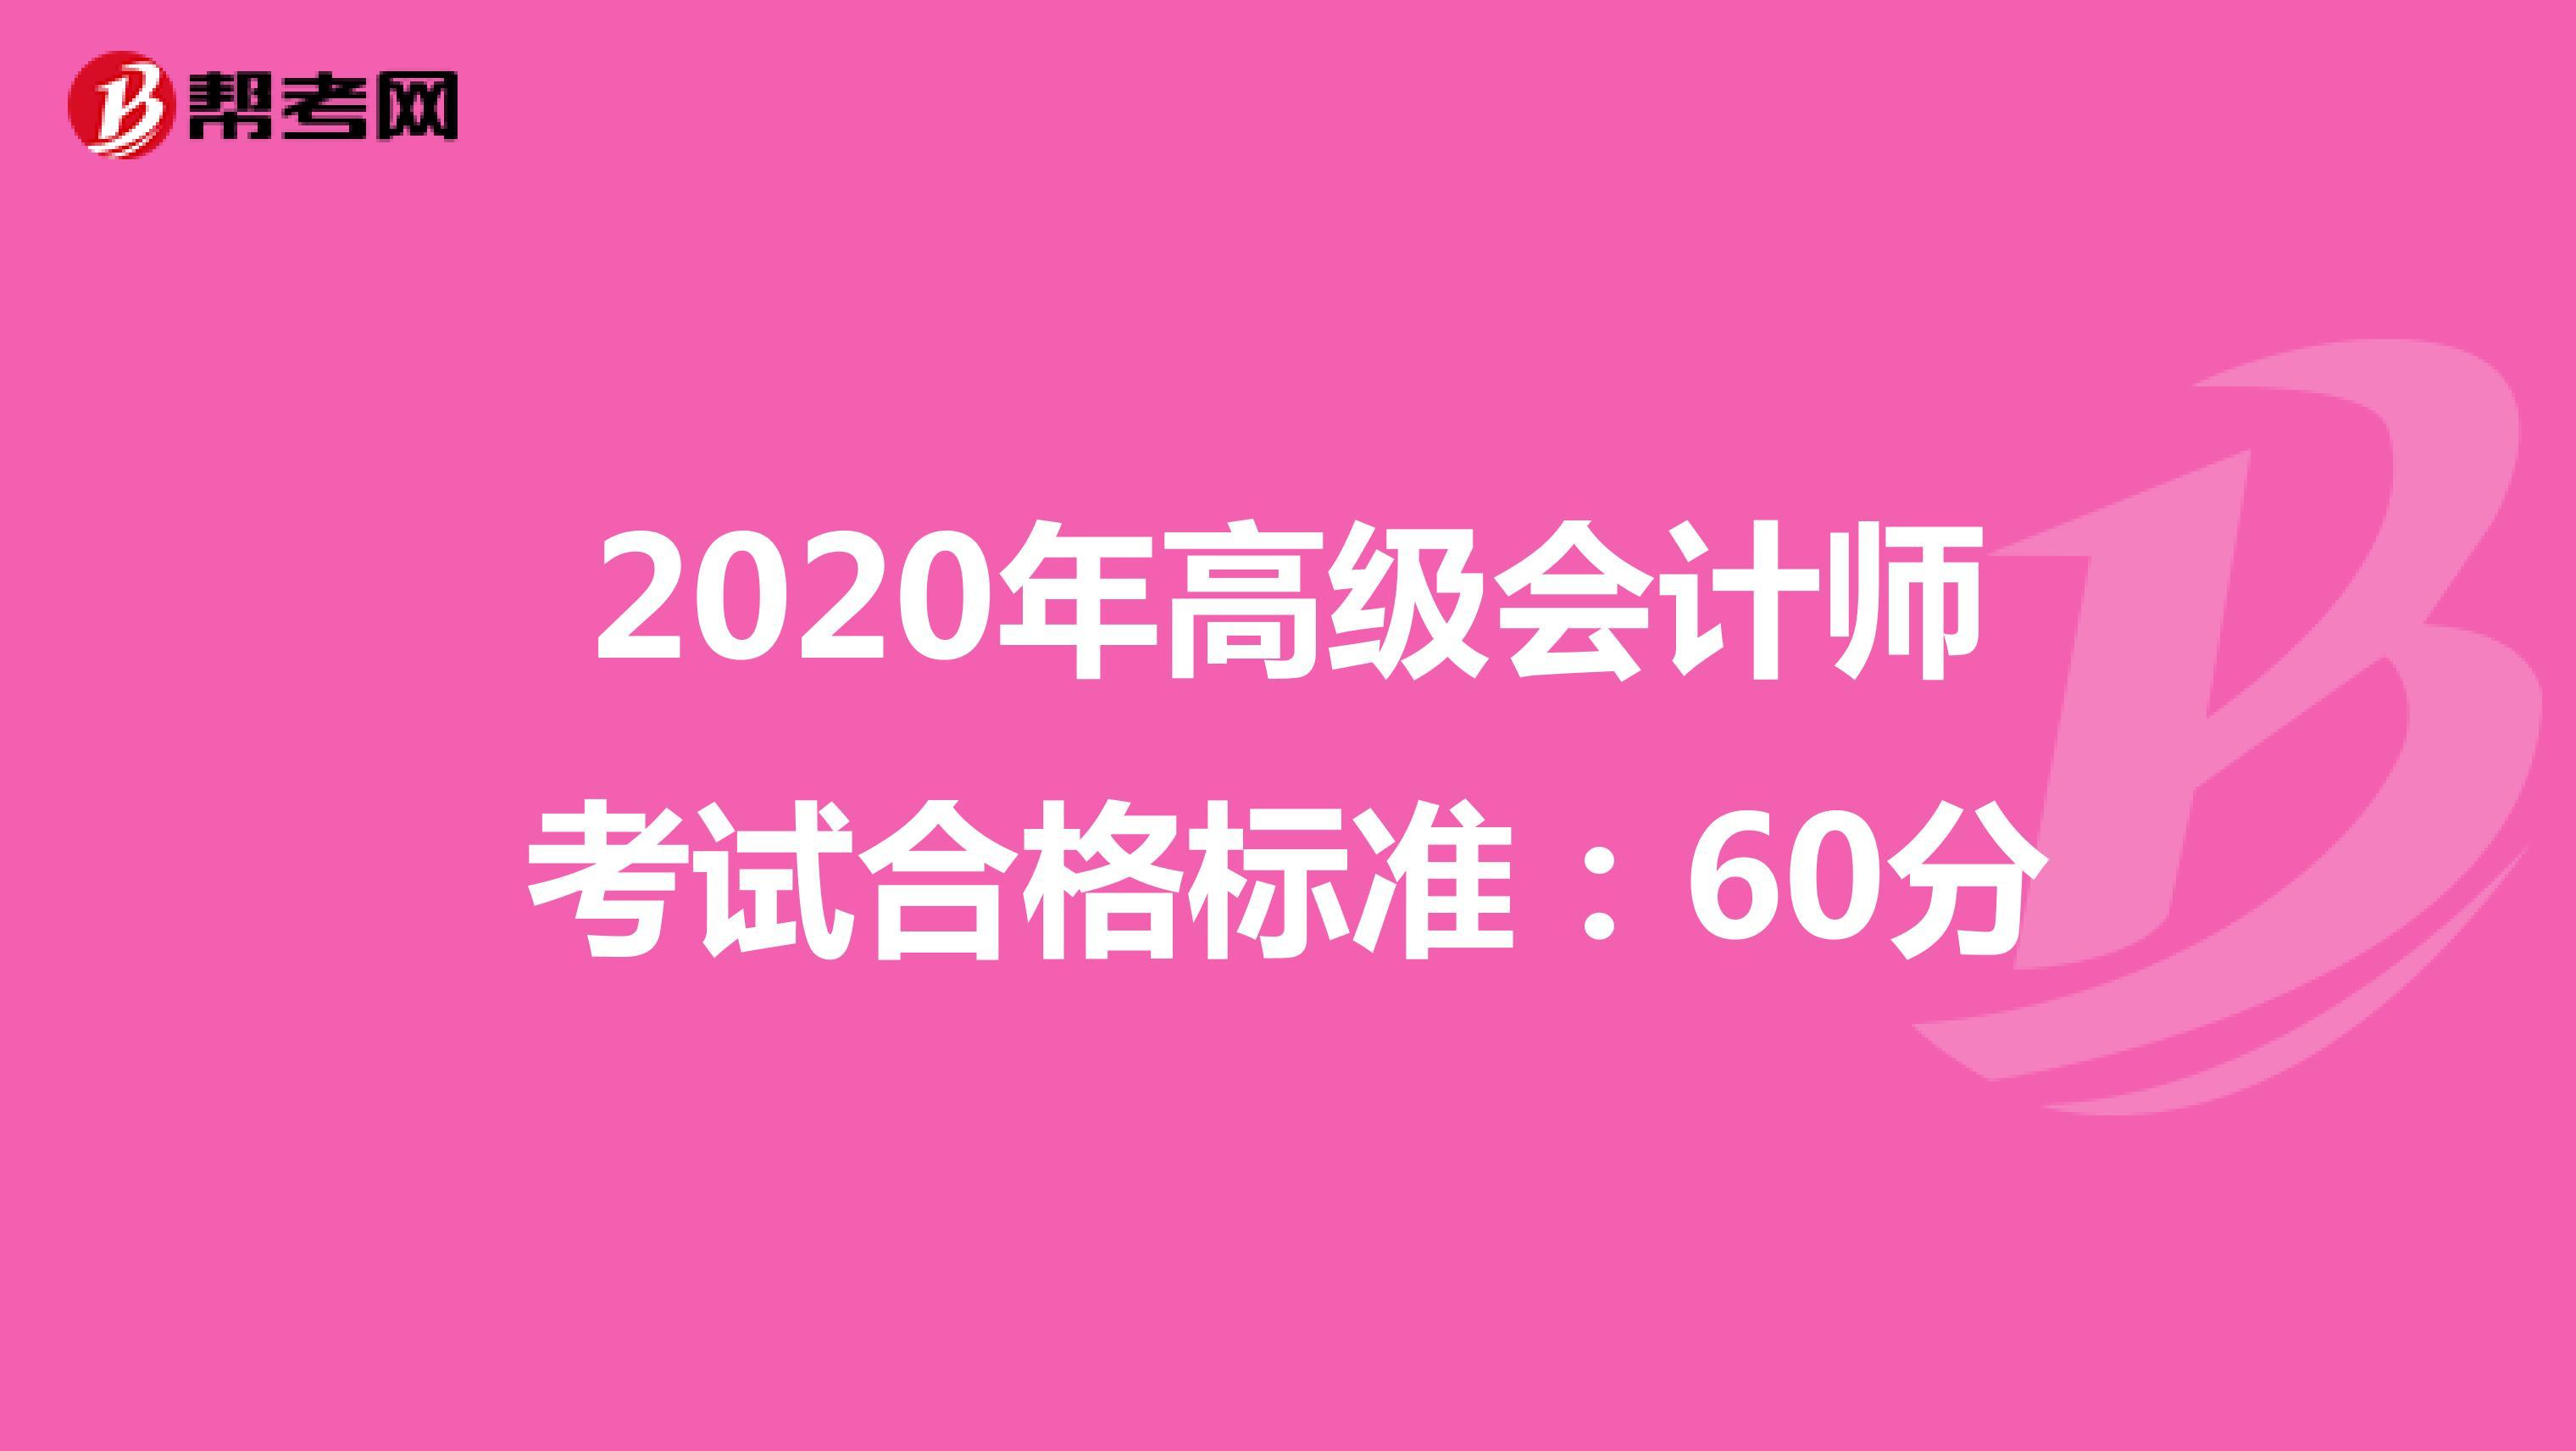 2020年高级会计师考试合格标准:60分